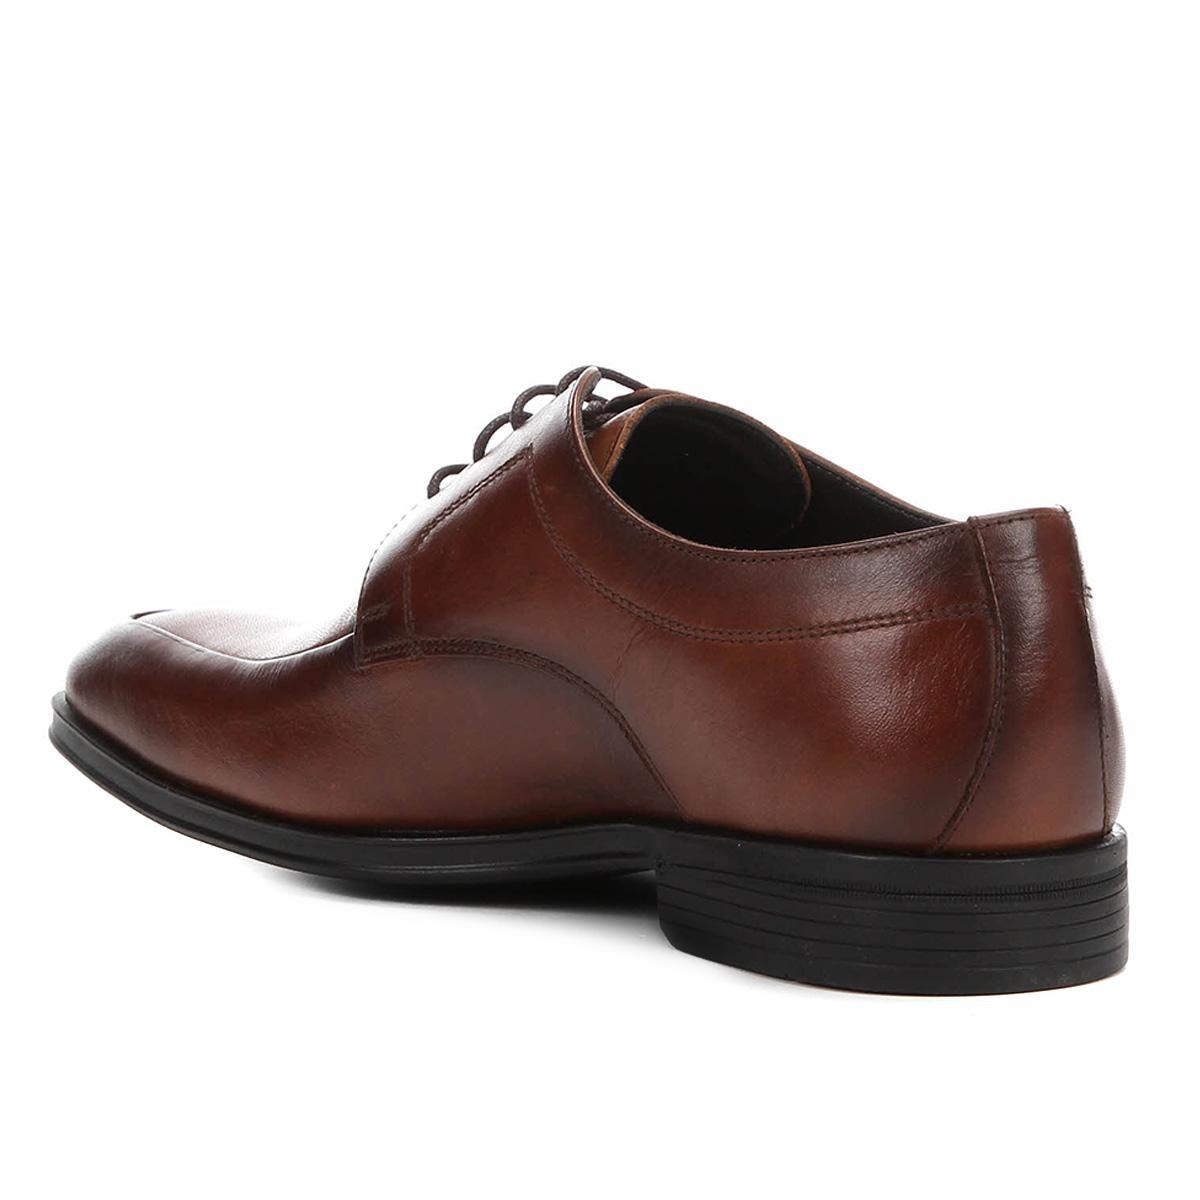 ae7836dbf5 sapato social couro shoestock cadarço masculino. Carregando zoom.